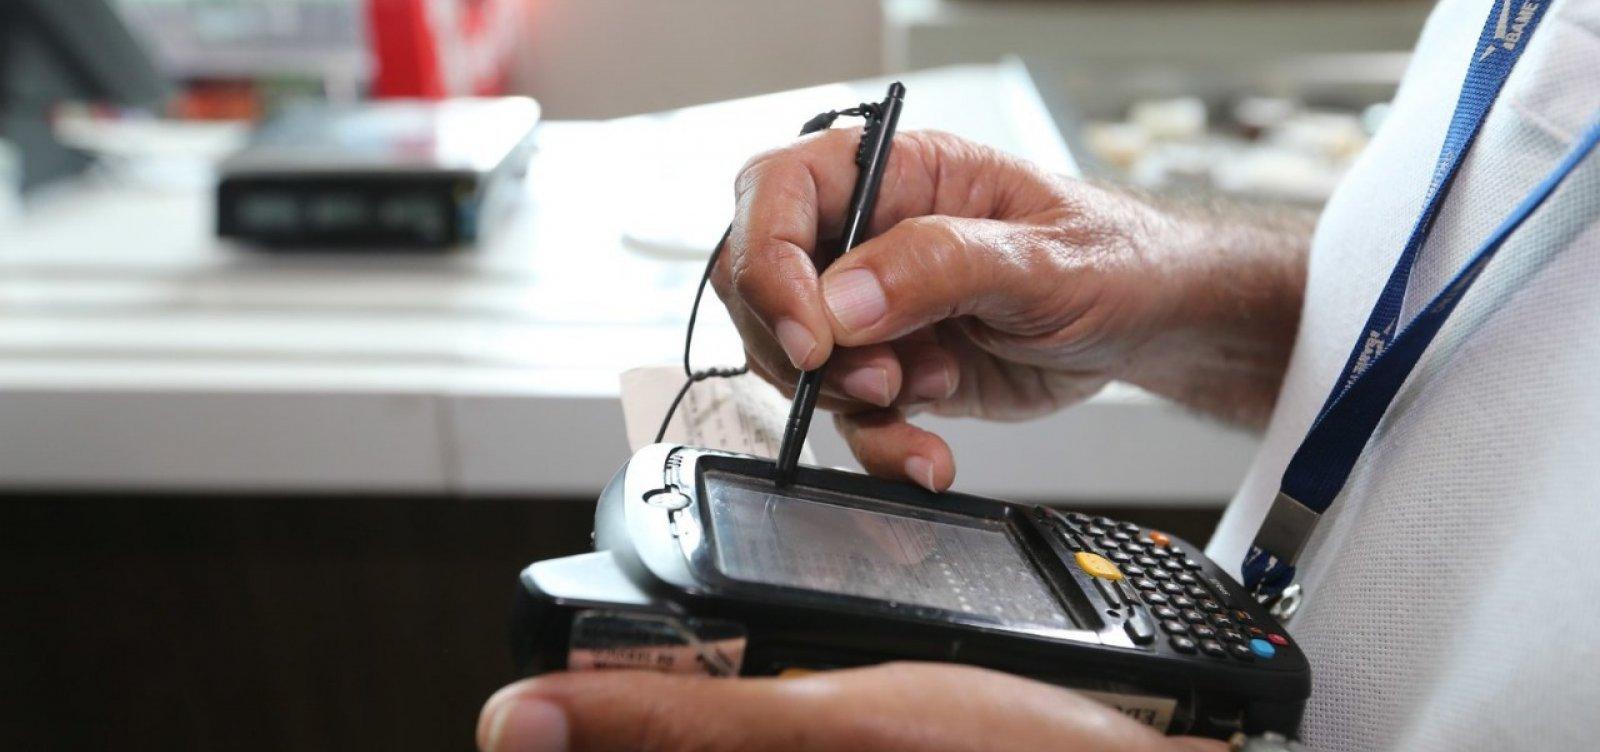 [Após cortes do governo, Ibametro recebe R$ 10 mi a menos do previsto no orçamento]